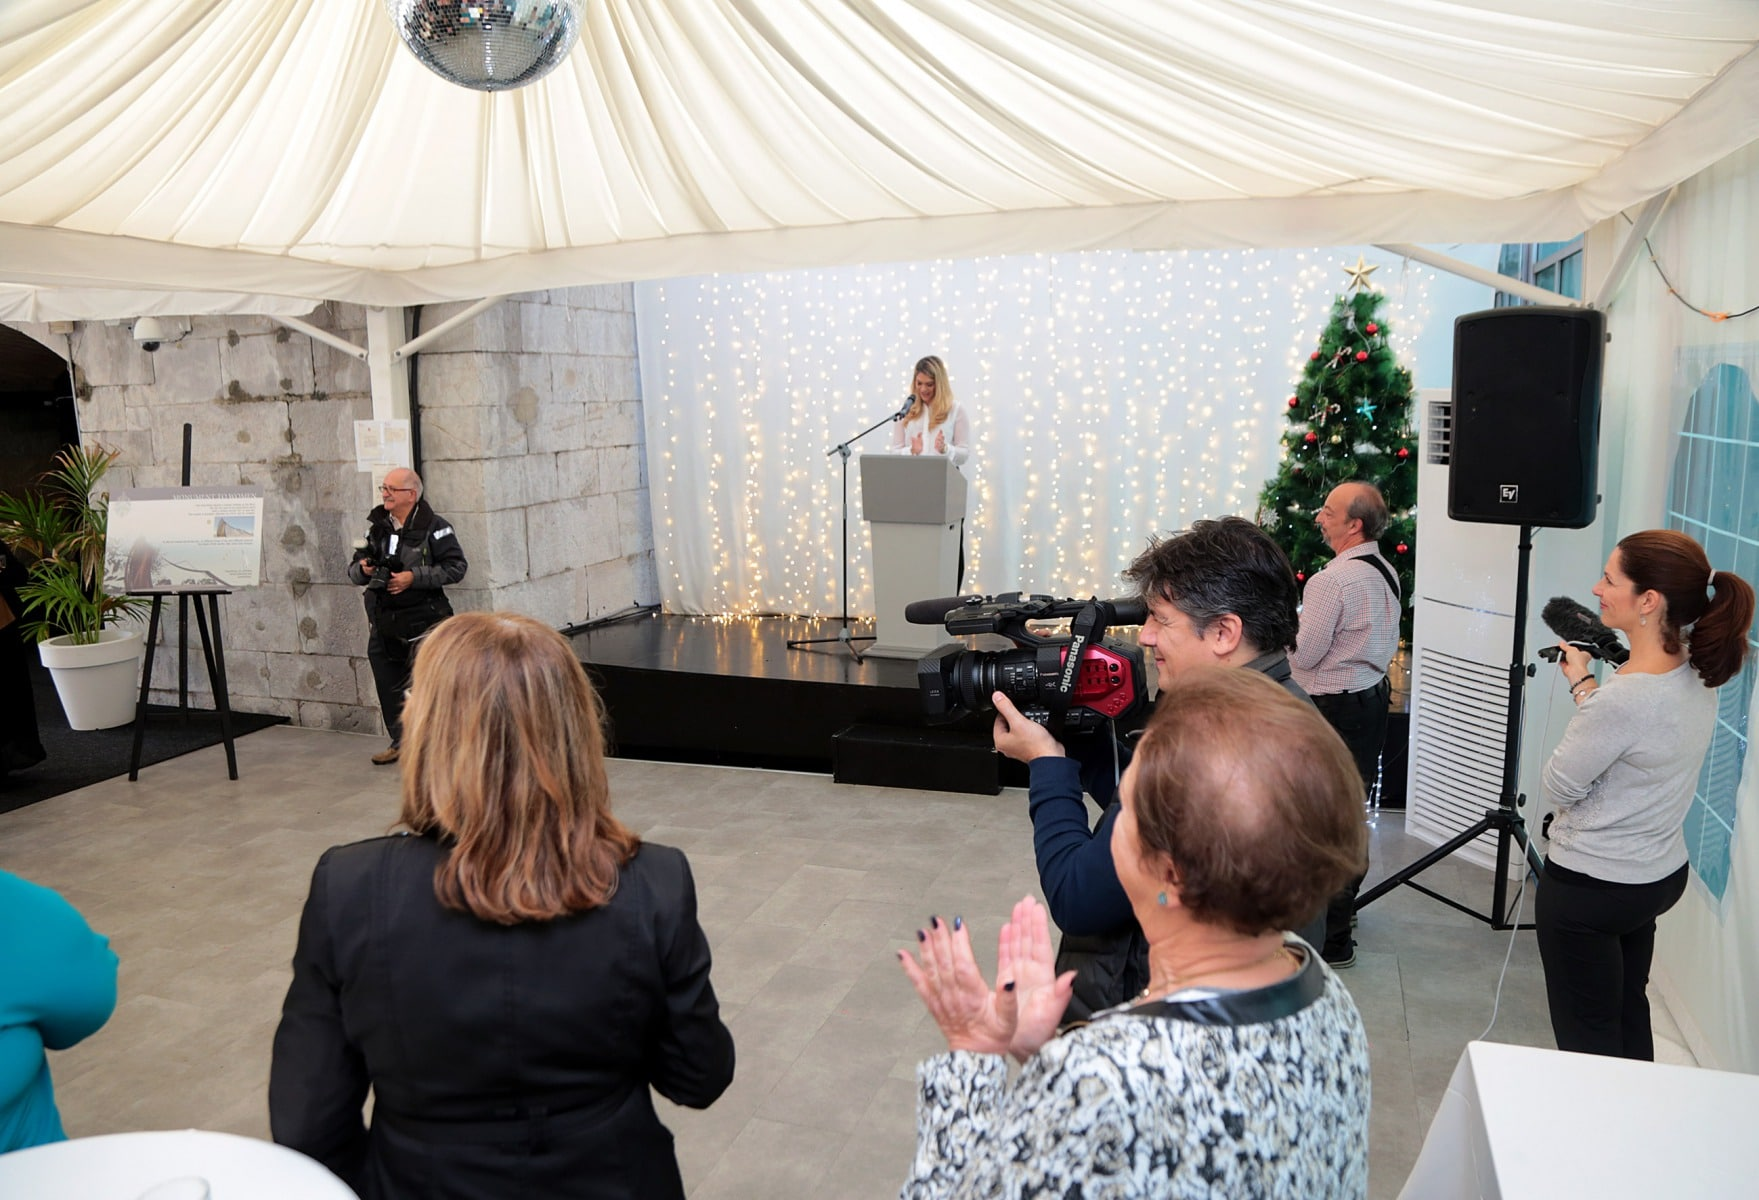 inauguracin-del-monumento-a-la-mujer-en-gibraltar_31349011401_o